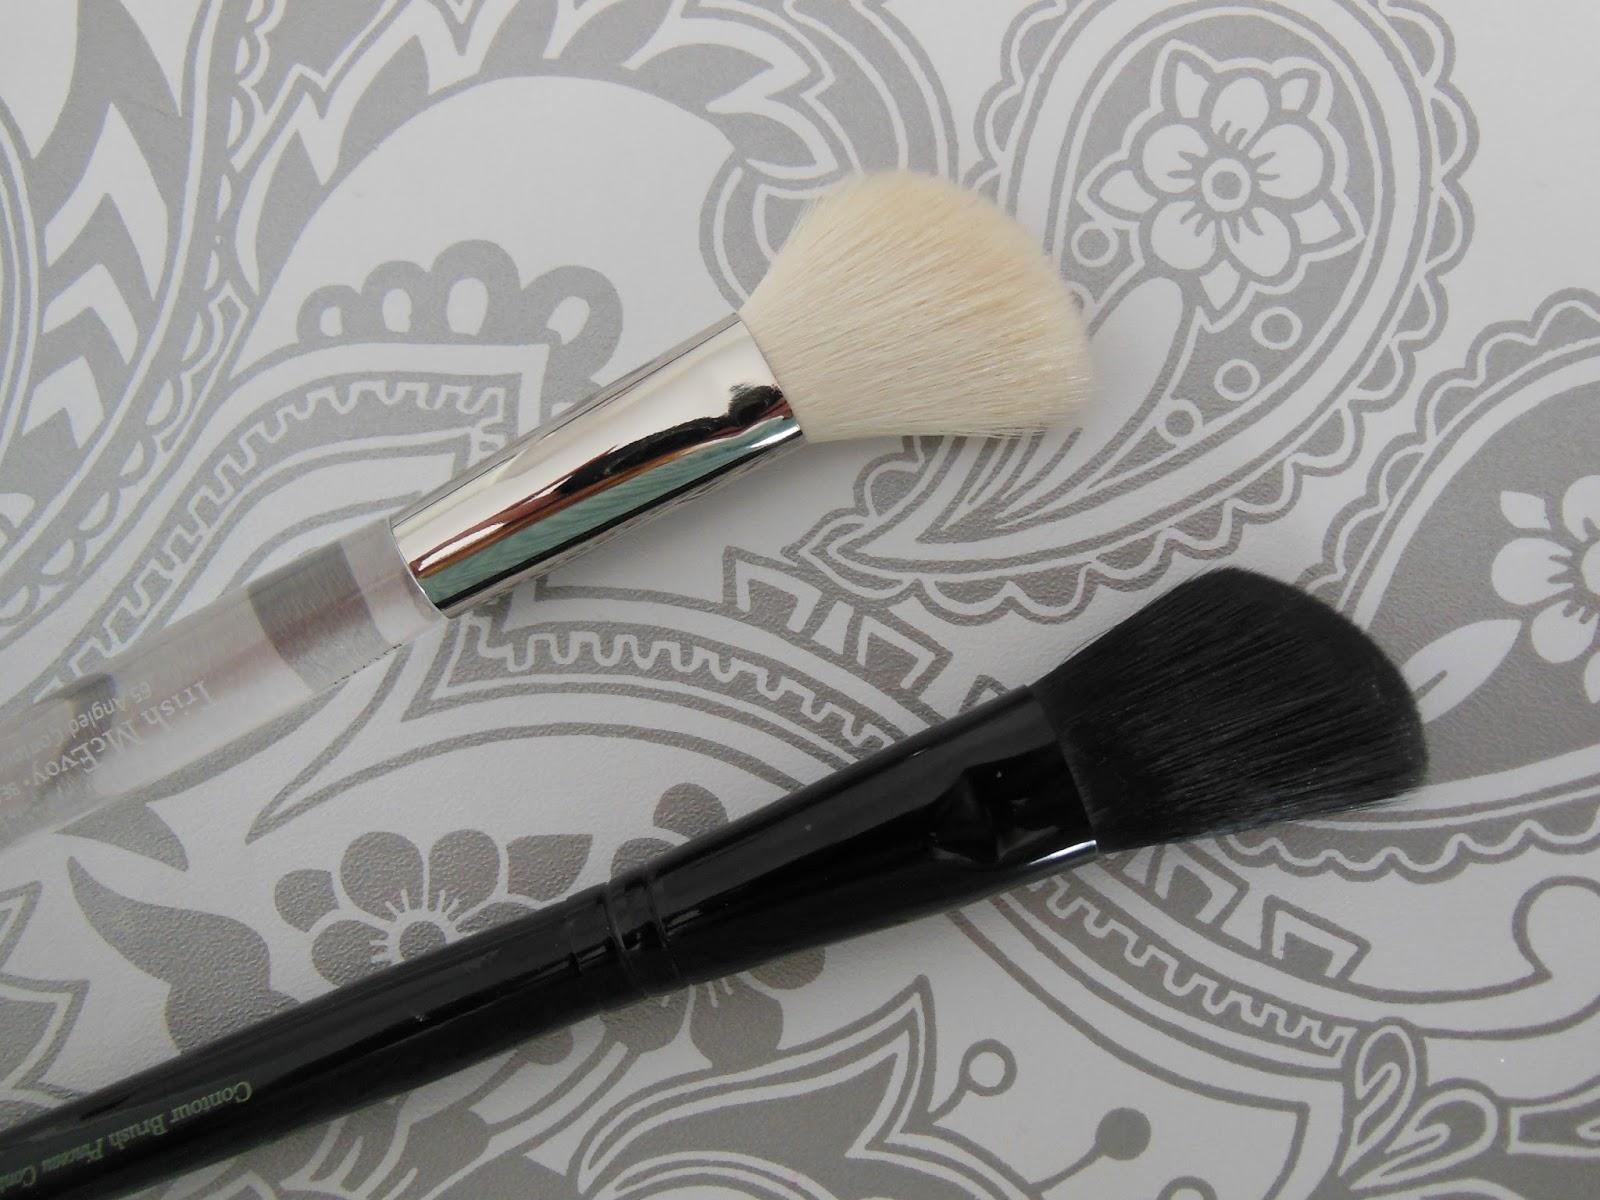 Trish McEvoy and Illamasqua contouring brushes